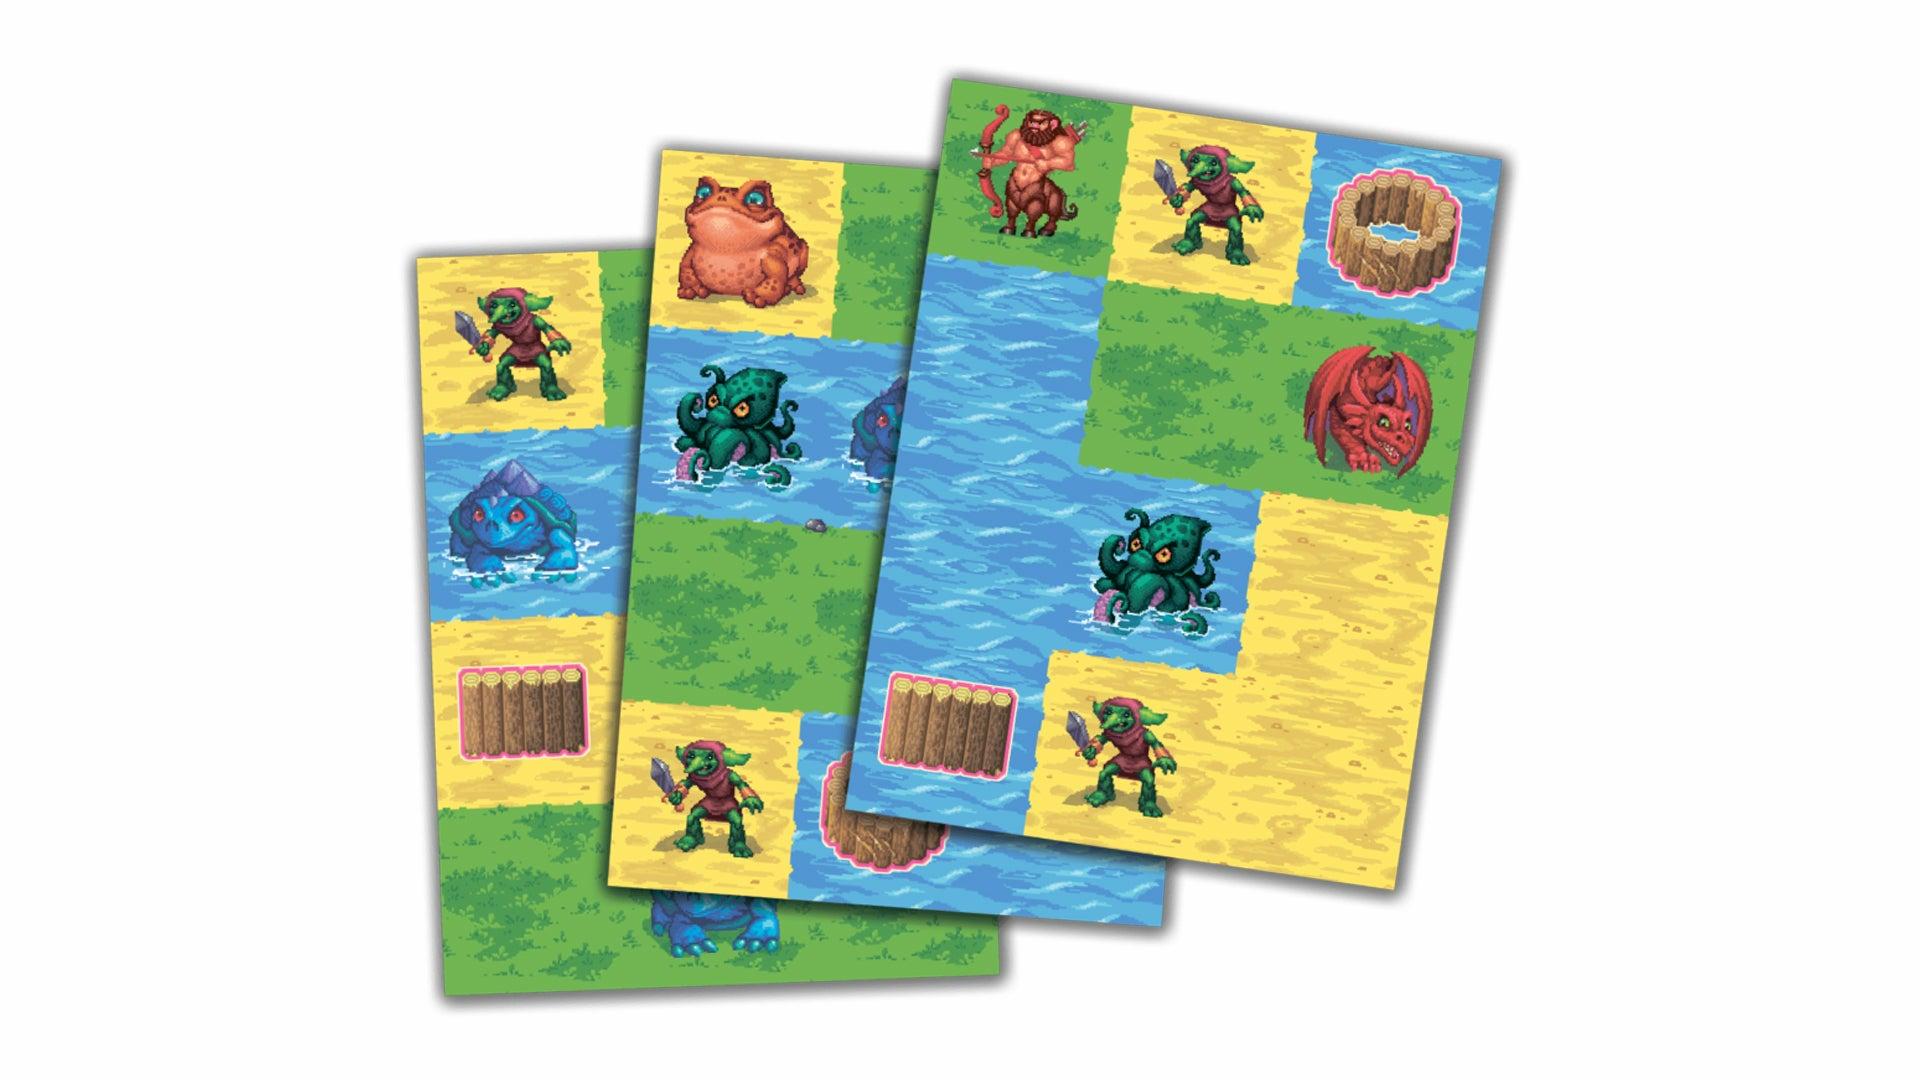 Cutterland board game cards